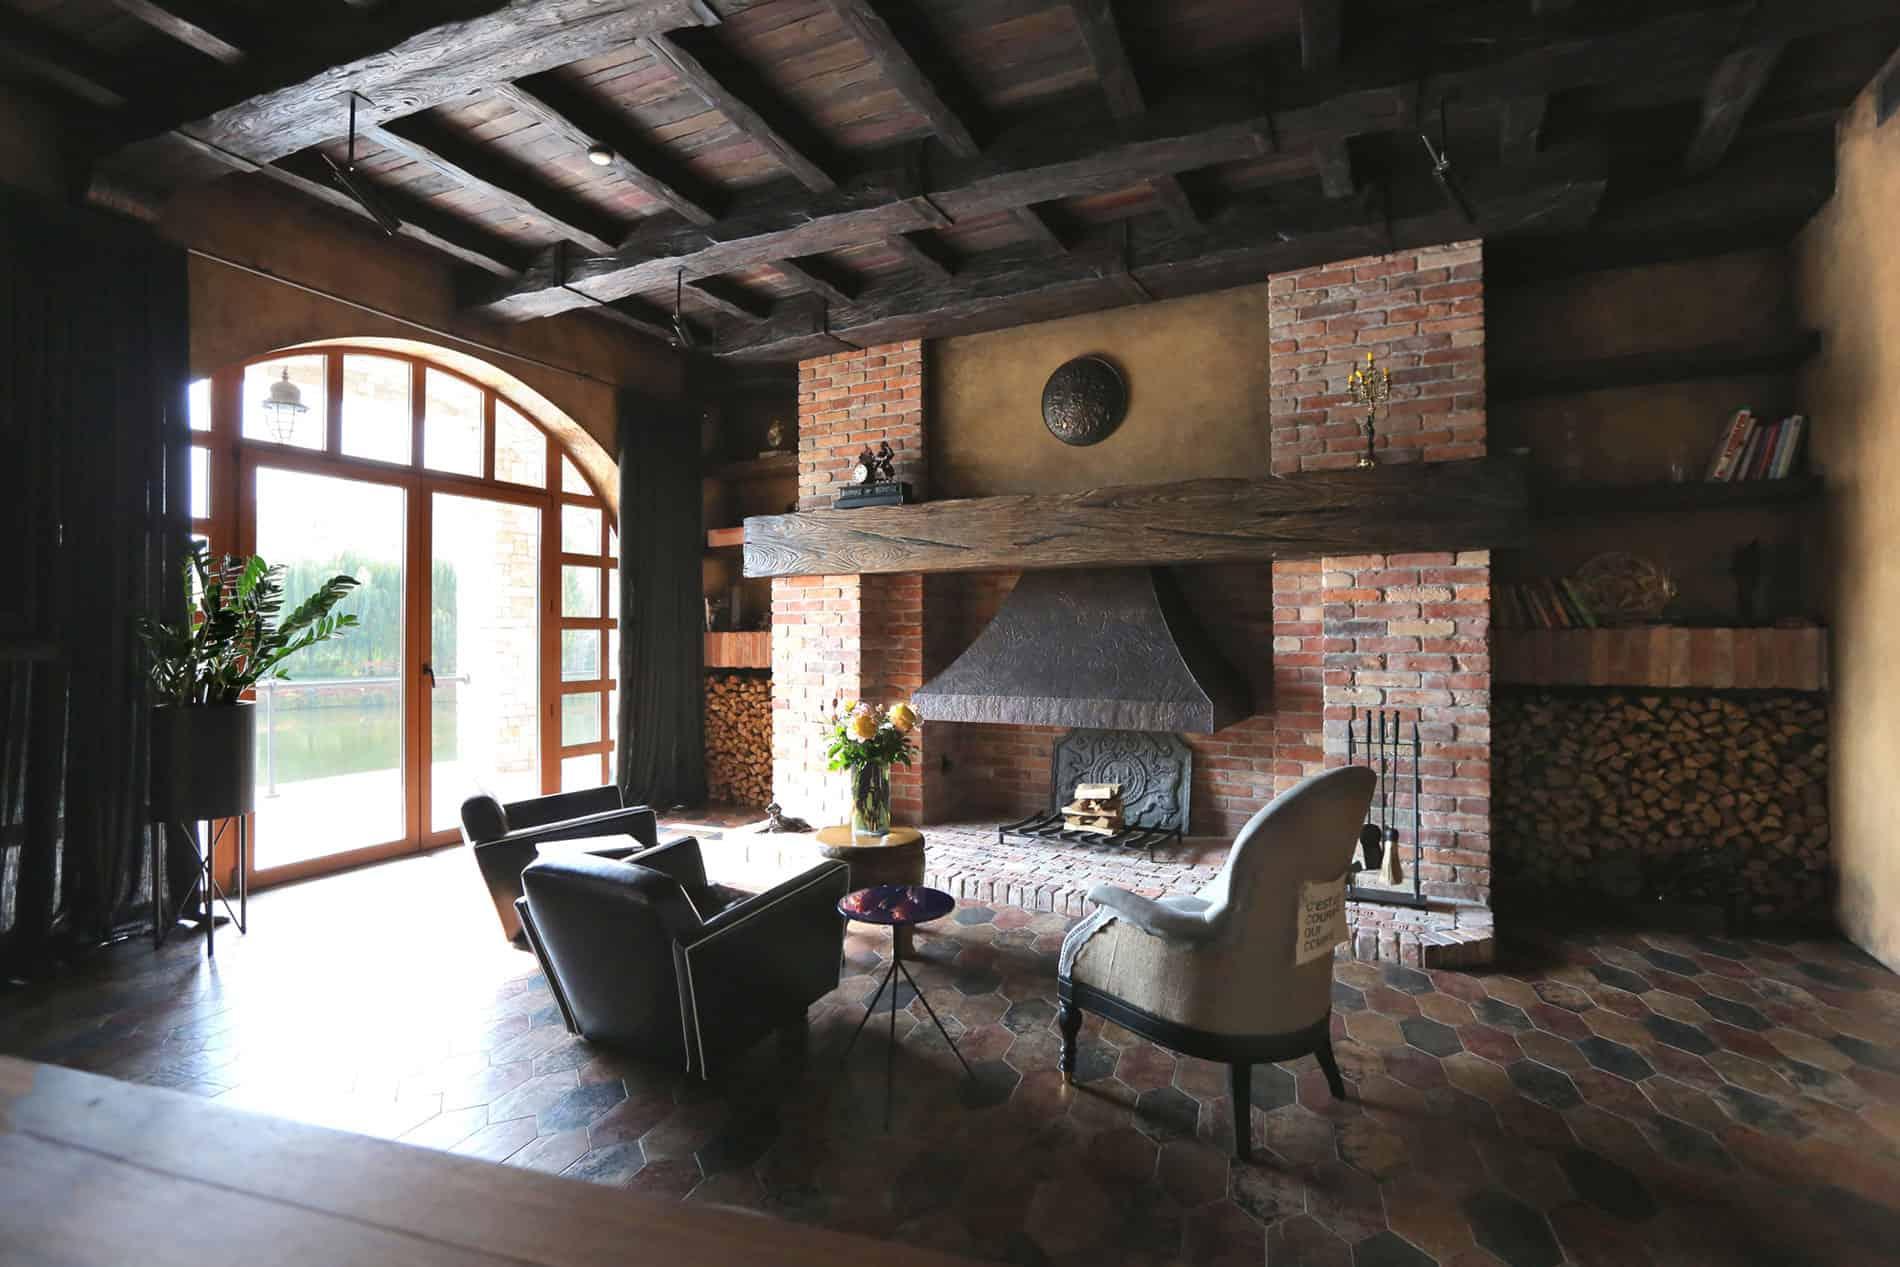 Residence BO by Baraban+ design studio